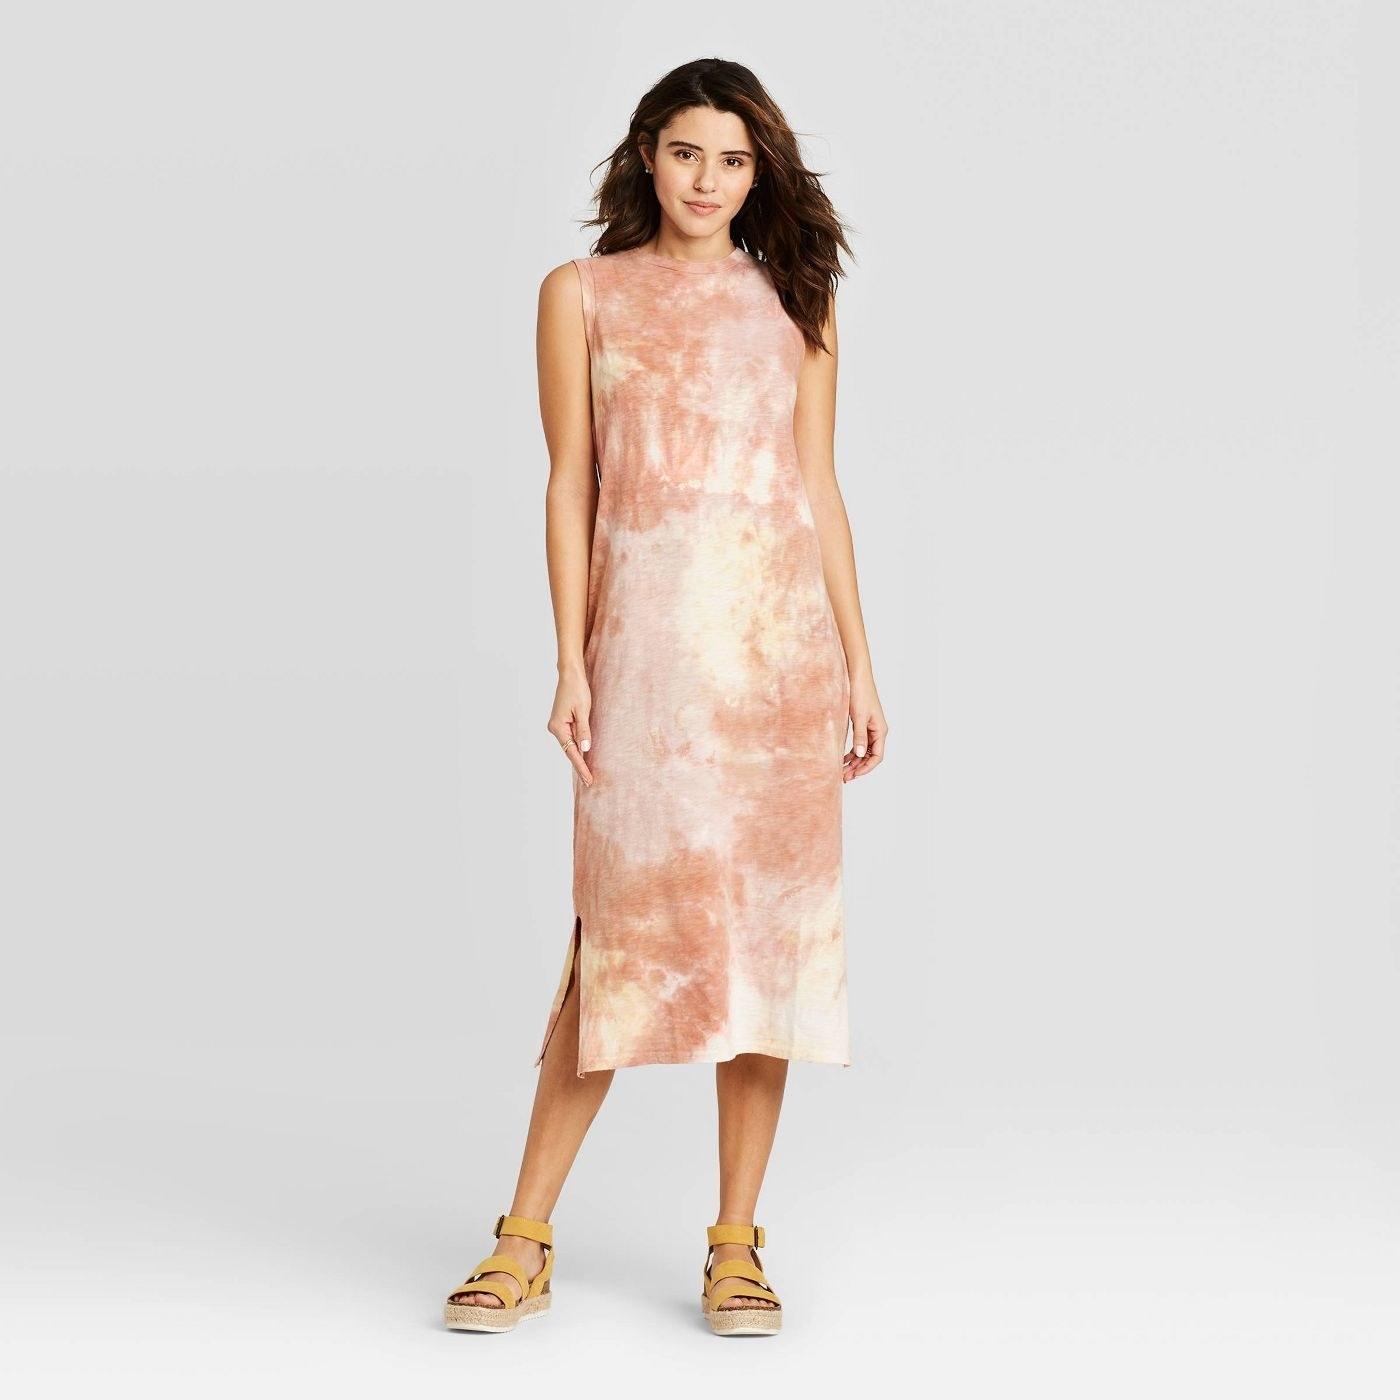 model wearing tie-dye sleeveless dress